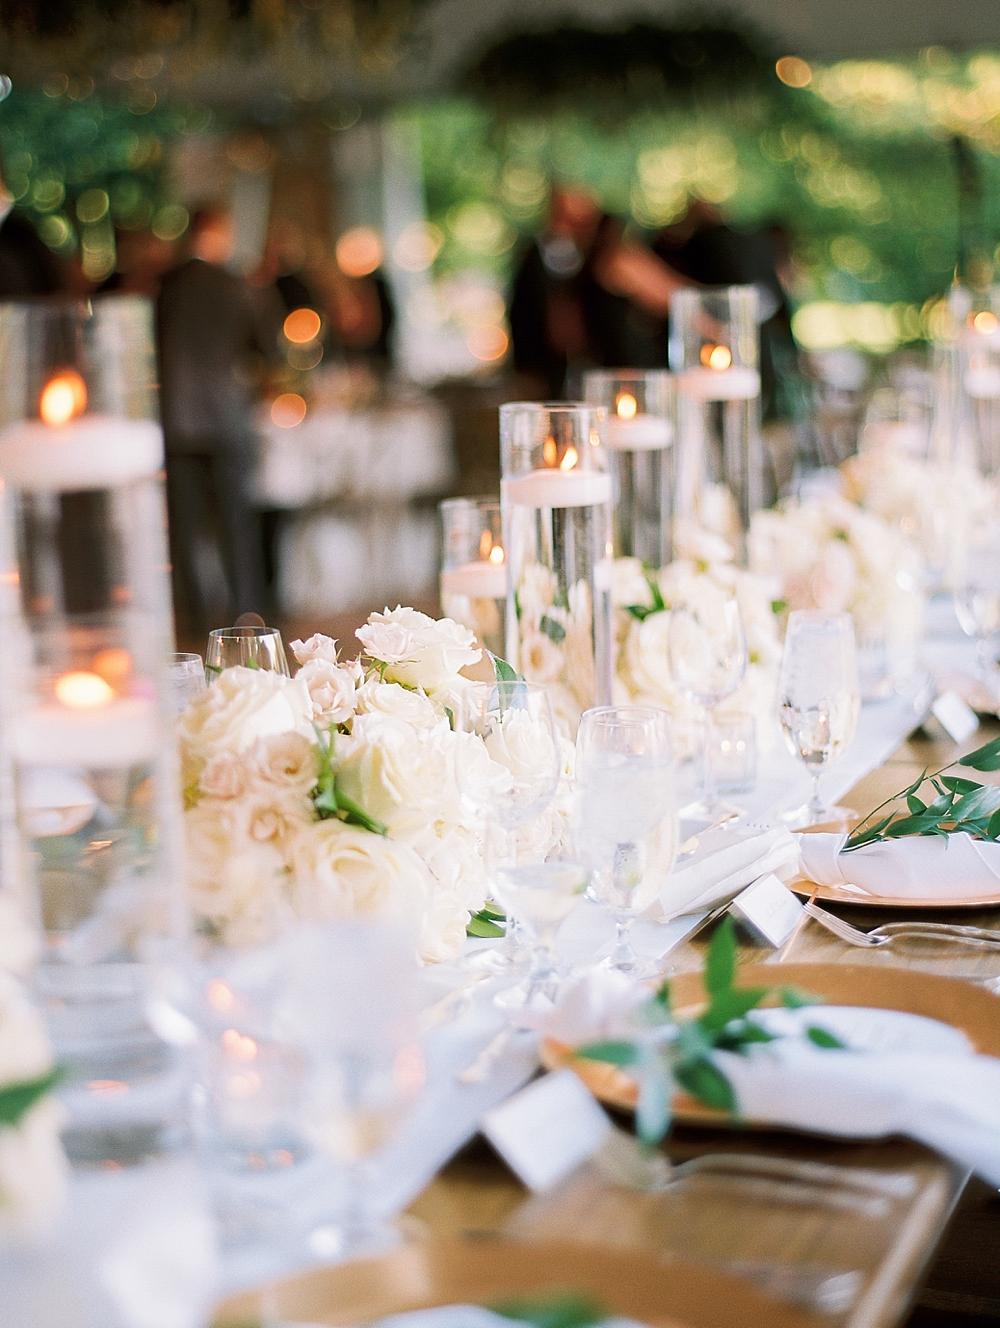 kristin-la-voie-photography-Chicago-Botanic-Garden-Wedding-8-29-21-323